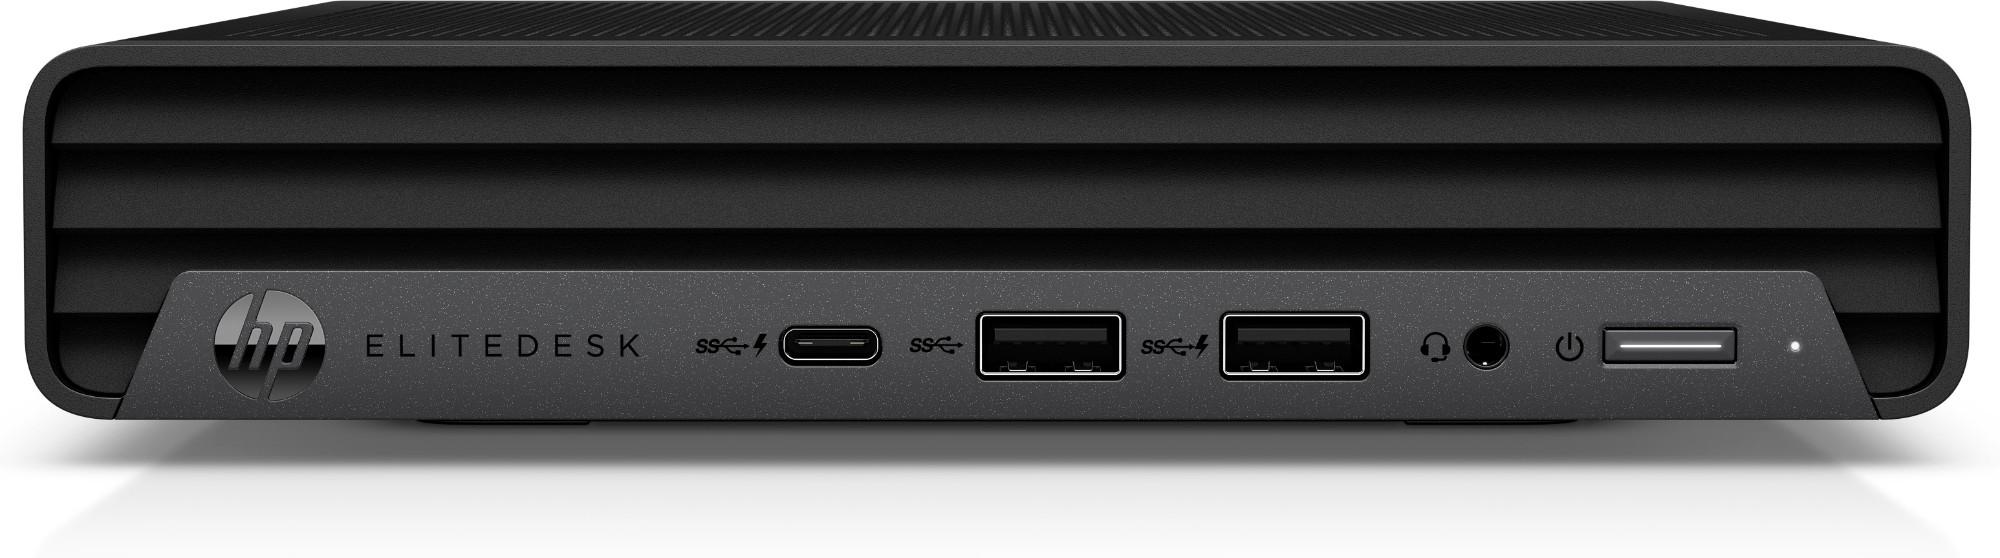 HP EliteDesk G6 DDR4-SDRAM i7-10700T mini PC 10th gen Intel-� Core��� i7 8 GB 256 GB SSD Windows 10 Pro Black